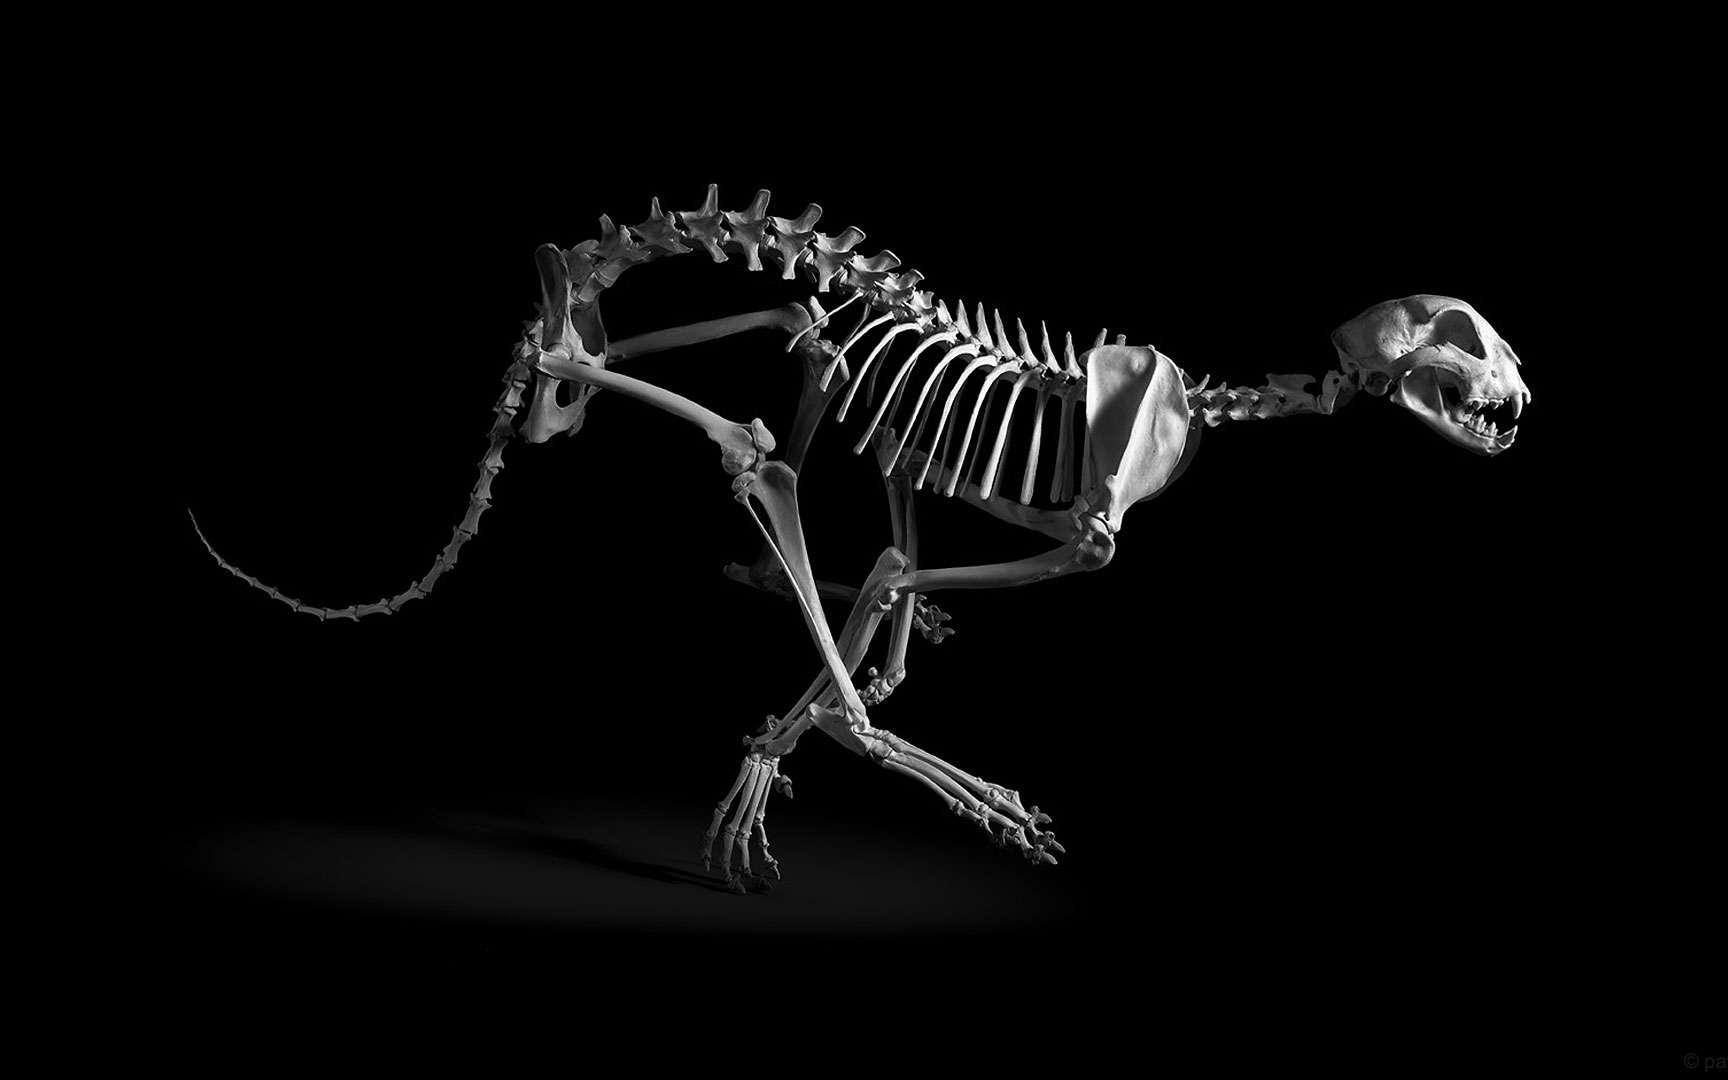 Guépard. Guépard, Acynonyx jubatus, Afrique subsaharienne,Moyen-Orient (h. ép. 70 cm) coll. MNHN. Le squelette du guépard révèle un ensemble d'adaptations à la course. Les membres postérieurs sont formés de trois segments de même longueur (correspondant à la cuisse, à la jambe et au pied) ce qui permet d'augmenter la poussée du pied par une extension de grande ampleur. La souplesse de la colonne vertébrale et l'élasticité des ligaments lui permet d'emmagasiner l'énergie lors de la flexion, pour la restituer lors de l'extension du corps. La course est aussi facilitée par la petite taille de la tête (en comparaison de celle d'un lion, par exemple). Tous droits réservés. Photo issue du livre ''Evolution'' Préface : Jean-Pierre Gasc Textes : Jean-Baptiste de Panafieu Photographies : Patrick Gries © des photos: © Éditions Xavier Barral/Muséum National d¹Histoire Naturelle Editeurs: Éditions Xavier Barral/Muséum National d¹Histoire Naturelle